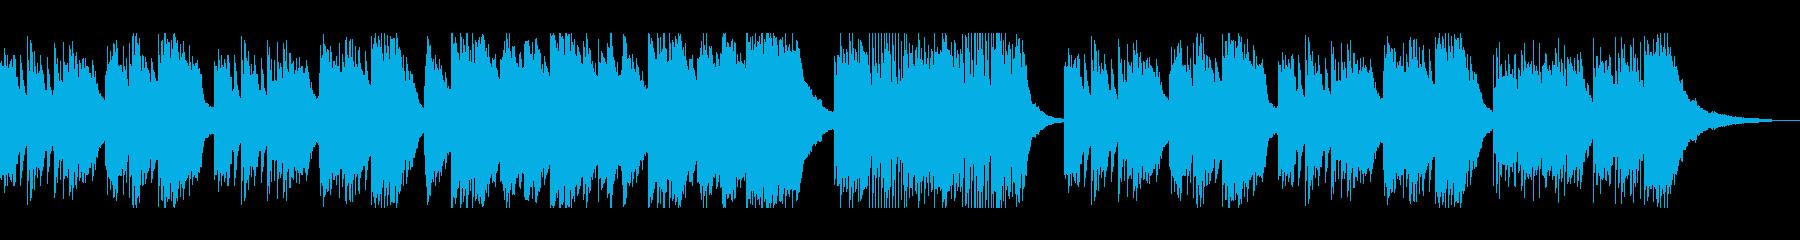 大人セクシーなメランコリックピアノソロの再生済みの波形